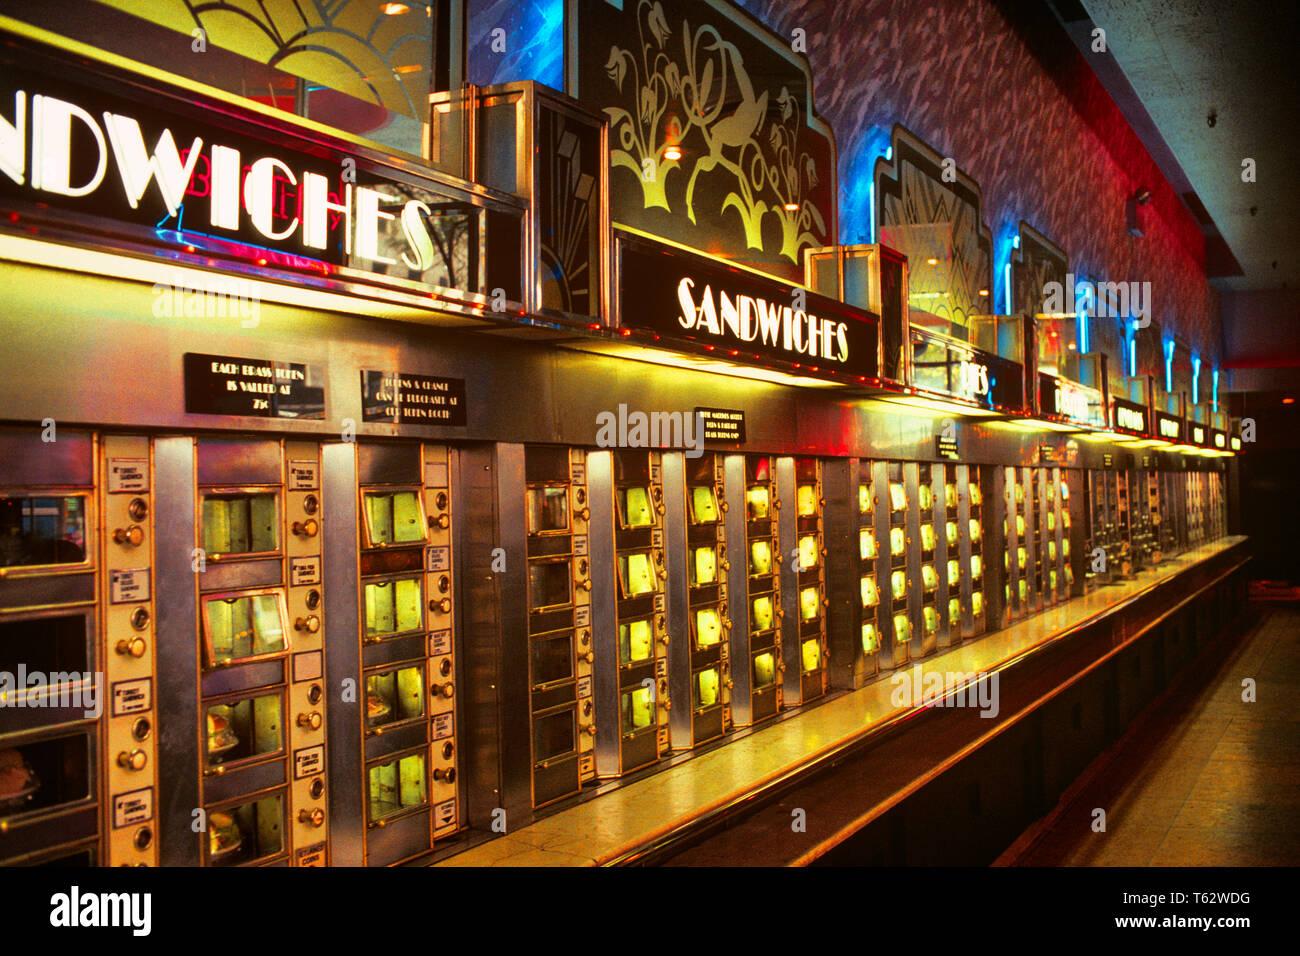 L'INTÉRIEUR des années 1990, DERNIER AUTOMATE CAFÉTÉRIA FERMÉE EN 1991 SUR 42ND Street NEW YORK CITY NY USA - KF33311 KRU001 HARS, UNITED STATES OF AMERICA LES GRIGNOTINES ALIMENTS DIVERTISSEMENT GRAND ANGLE COLLATIONS FAST FOOD VENDOR NOURRIR SNACK FOOD SERVICE CLIENT 20ème siècle CHOIX FOURNISSEURS INTÉRIEURS LE DÉJEUNER SE TENIR SUR LES FAST-FOODS NYC PRATIQUE SÉLECTION AUTOMAT NICKELS CONCEPTUEL NEW YORK 1991 DESIGN INTÉRIEUR NOURRITURE NICKEL VILLES NEW YORK CITY ÉLÉGANT DISTRIBUTEUR AUTOMATIQUE AUTOMATIQUE LA CULTURE POPULAIRE DINERS LUNCHEONETTE SELF SERVICE 42e 42e rue à l'ANCIENNE DERNIÈRE Art Déco Photo Stock